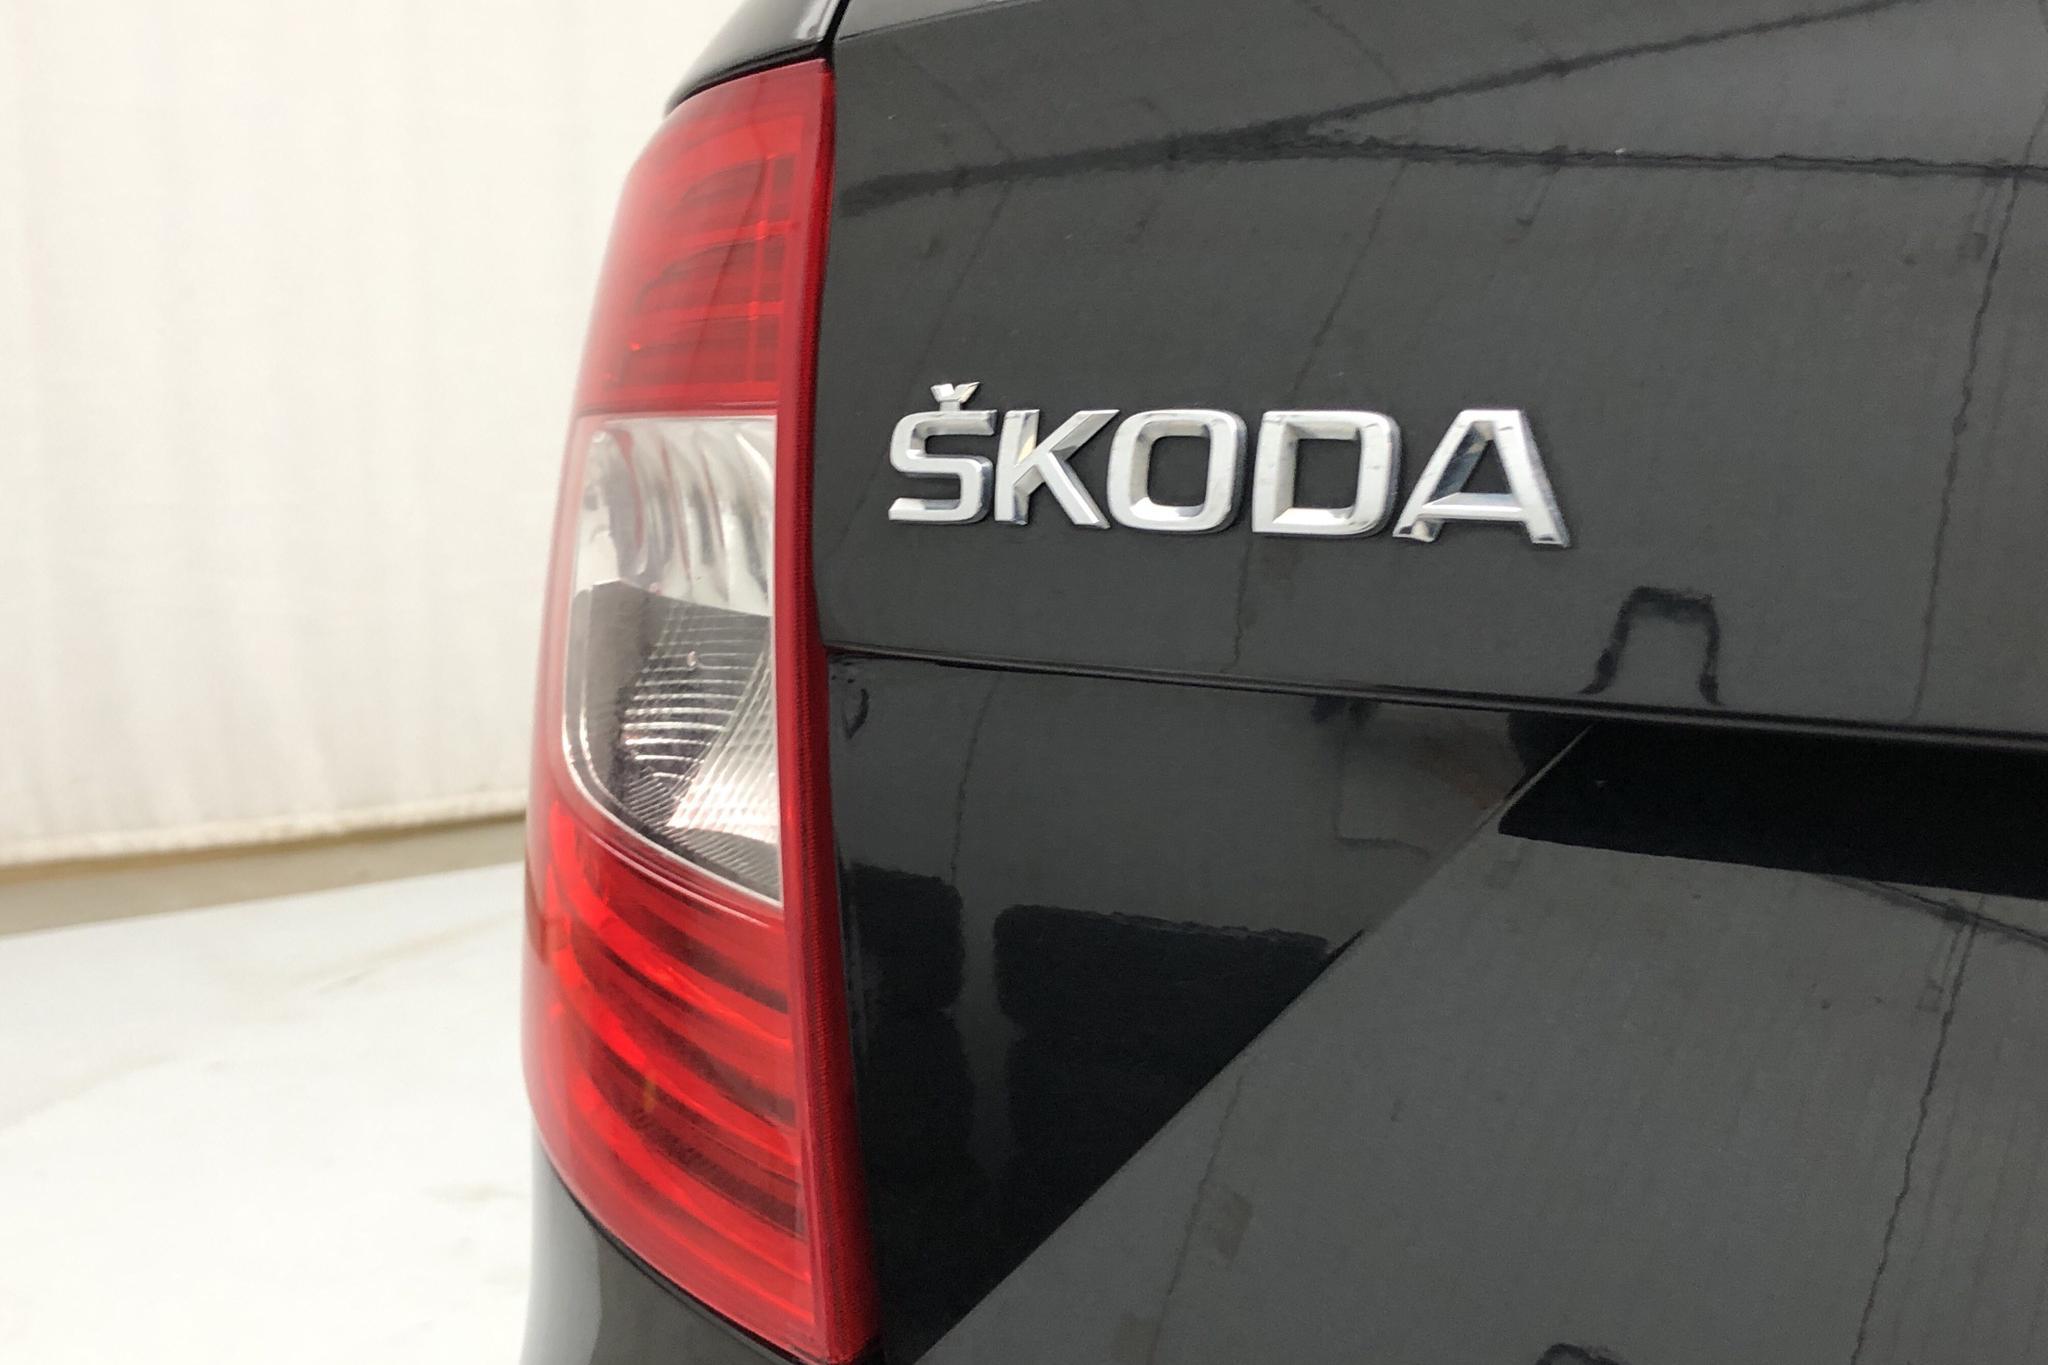 Skoda Superb 2.0 TDI 4x4 Kombi (170hk) - 10 099 mil - Automat - svart - 2014